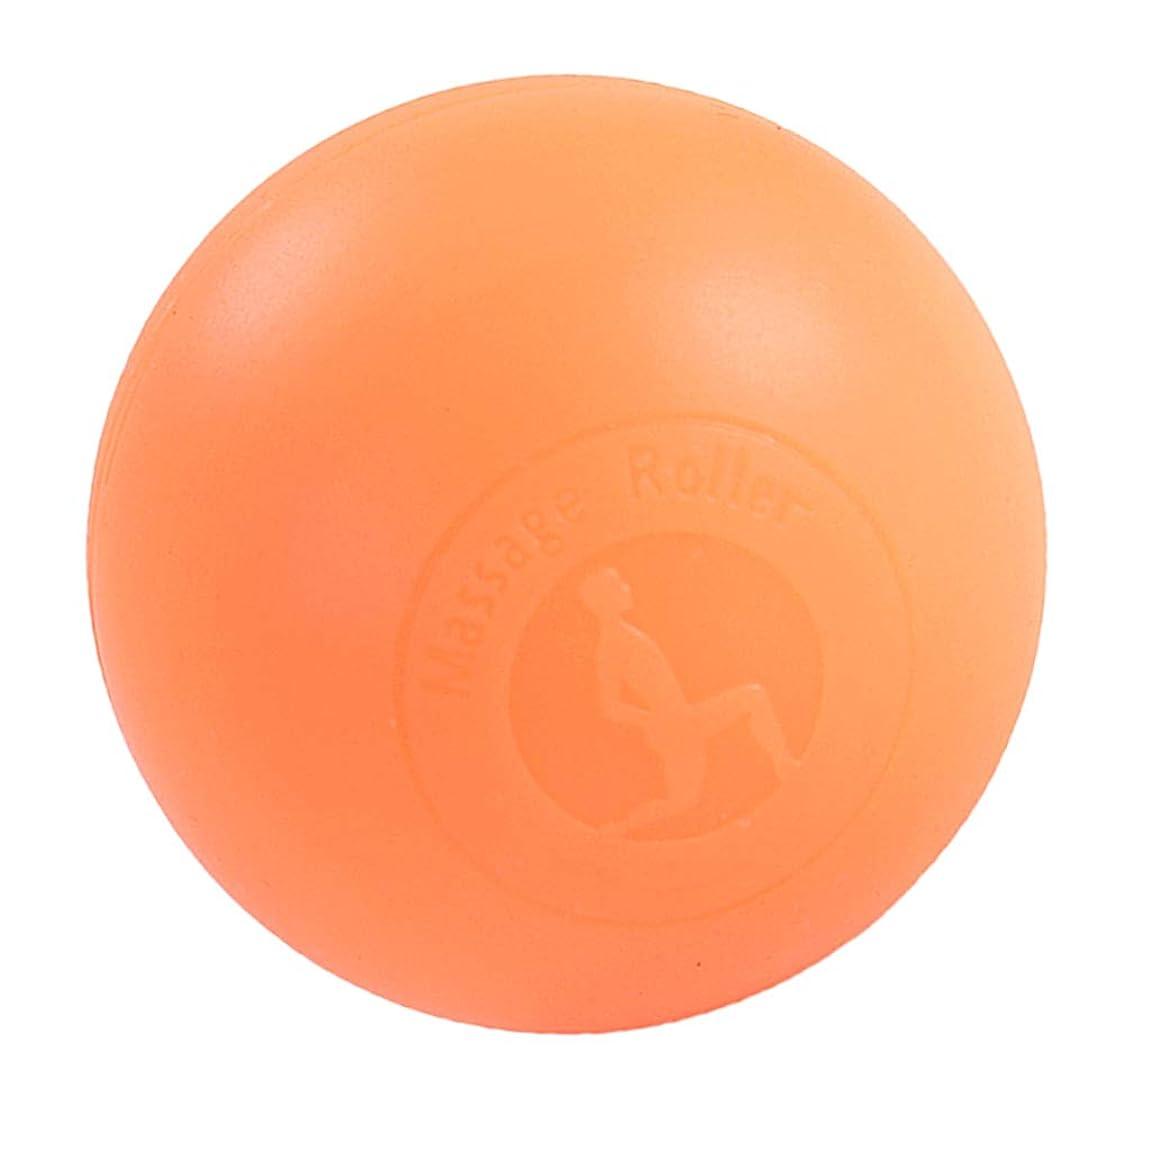 動作直面する問い合わせるBaoblaze ラクロスマッサージボール ボディマッサージャー トリガーマッサージ ポイントマッサージ 2色選べ - オレンジ